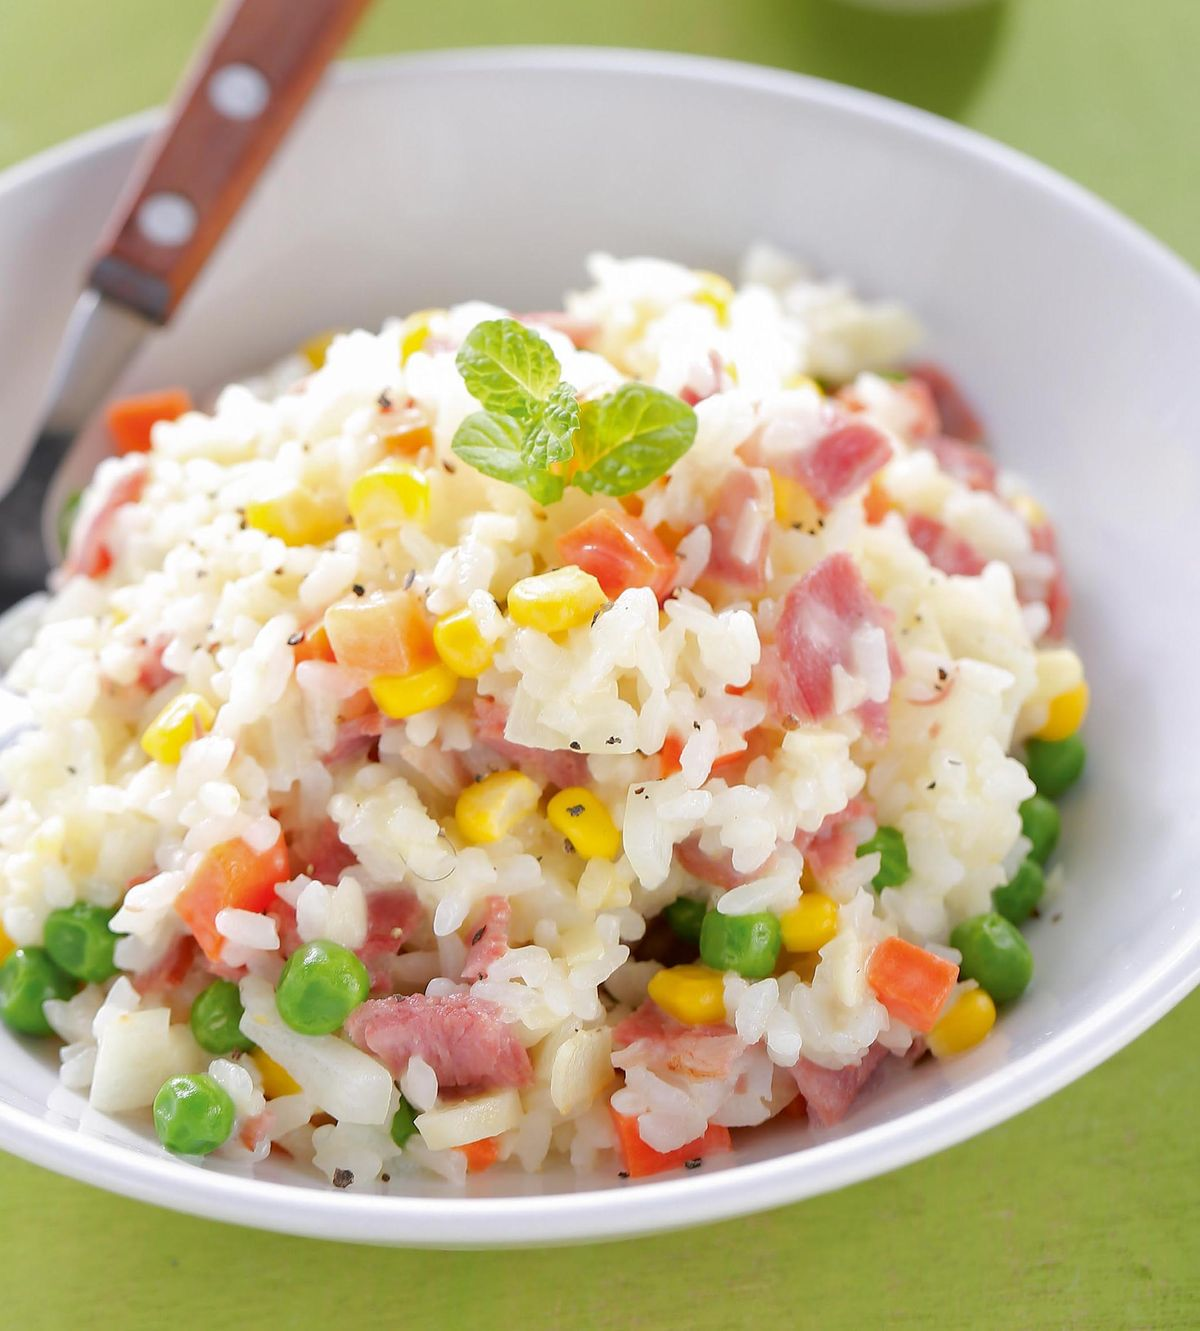 食譜:奶油培根玉米燉飯